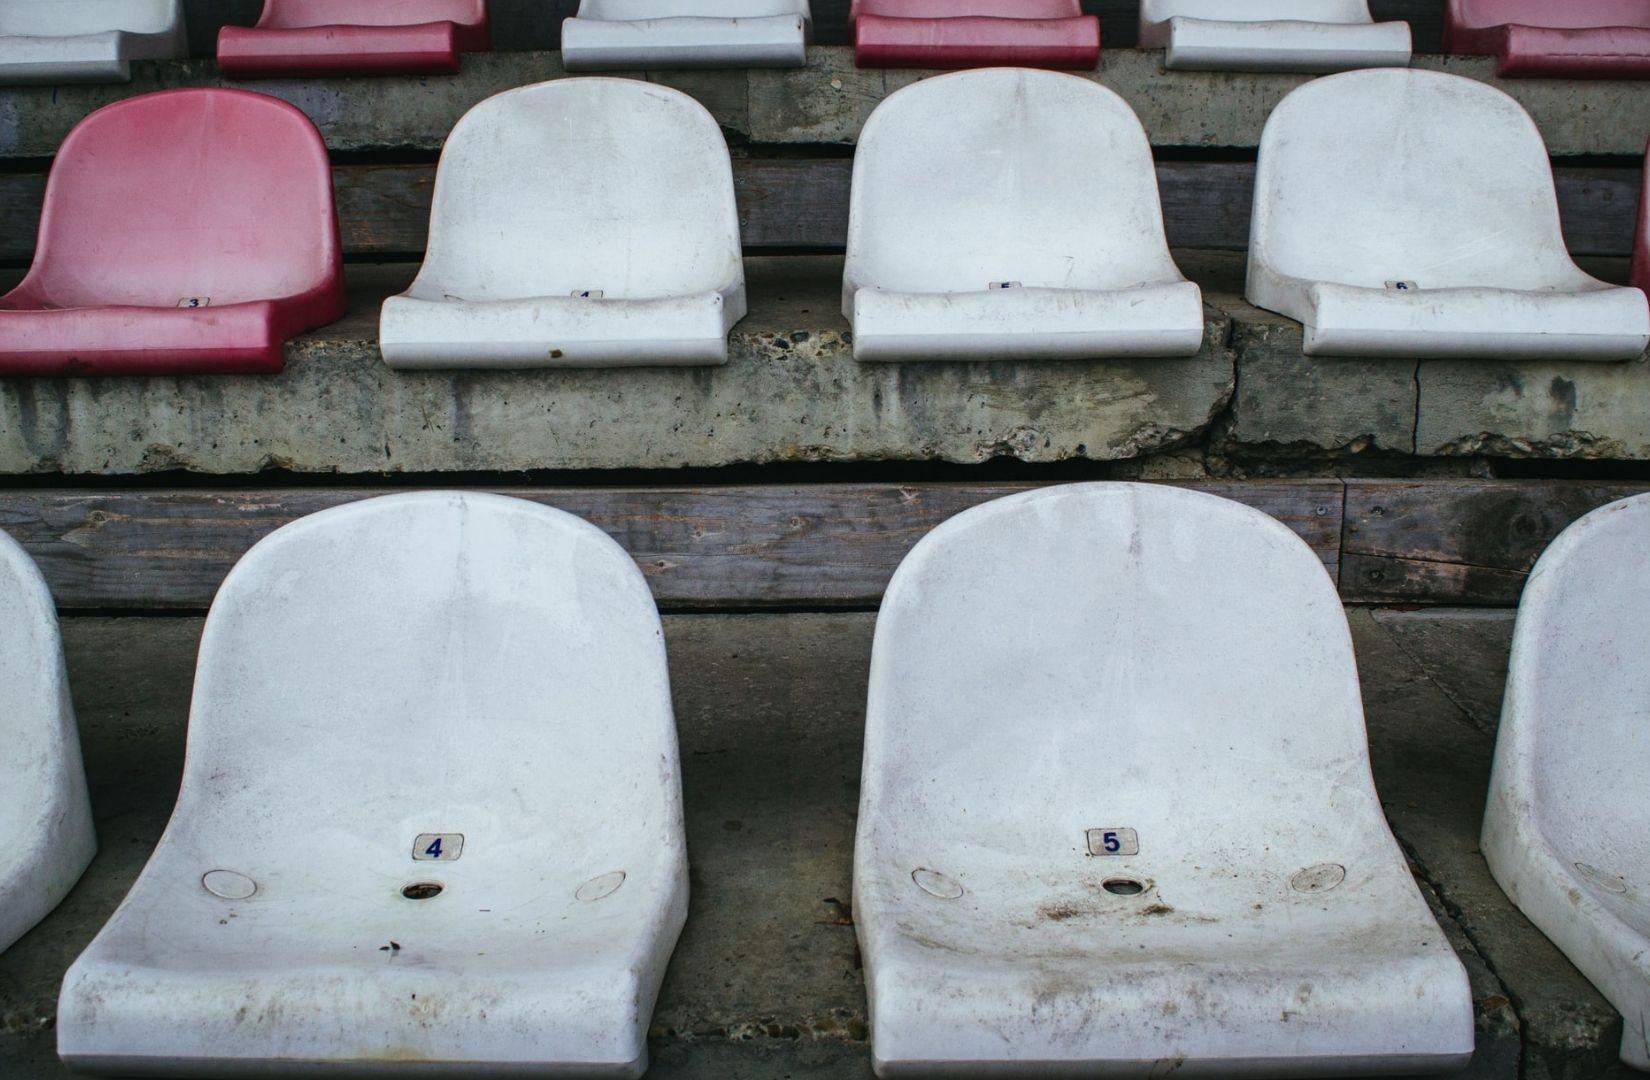 Leere Stühle als Zeichen von Stillstand. (Foto: Andriyko Podilnyk, Unsplash.com)